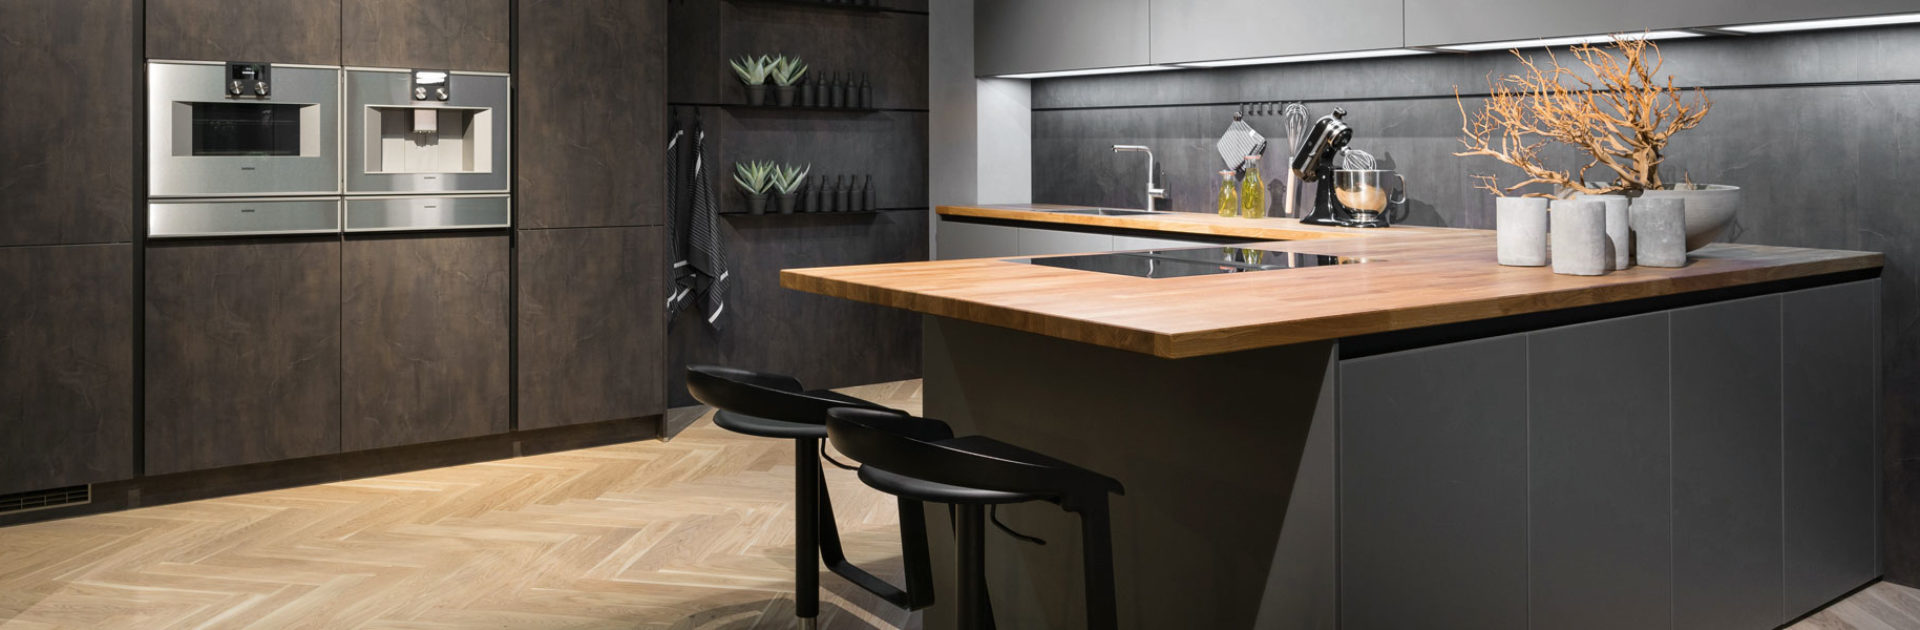 Nieuwe grijze Pronorm keuken | Satink Keukens Zwolle